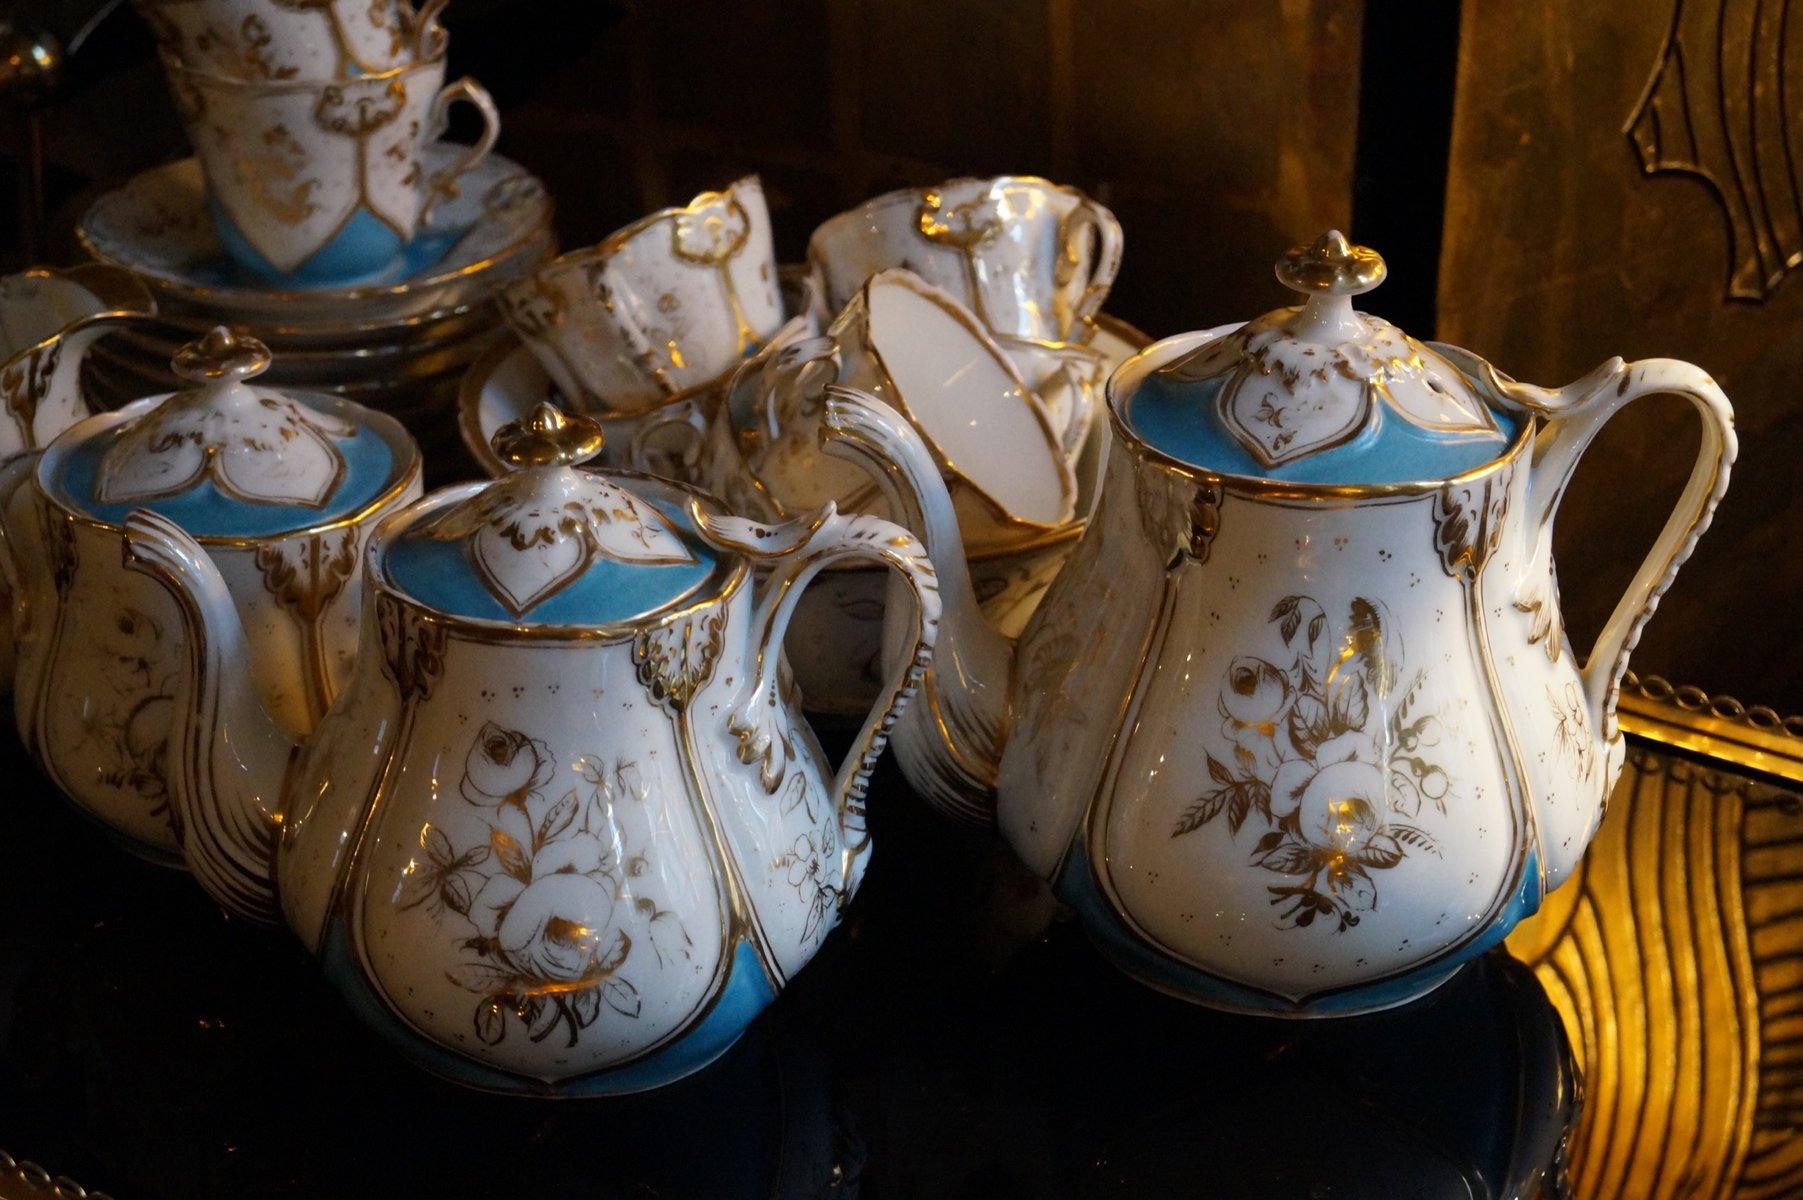 Antikes Porzellan Kaufen : antikes pariser porzellan teeservice 1850 bei pamono kaufen ~ Michelbontemps.com Haus und Dekorationen